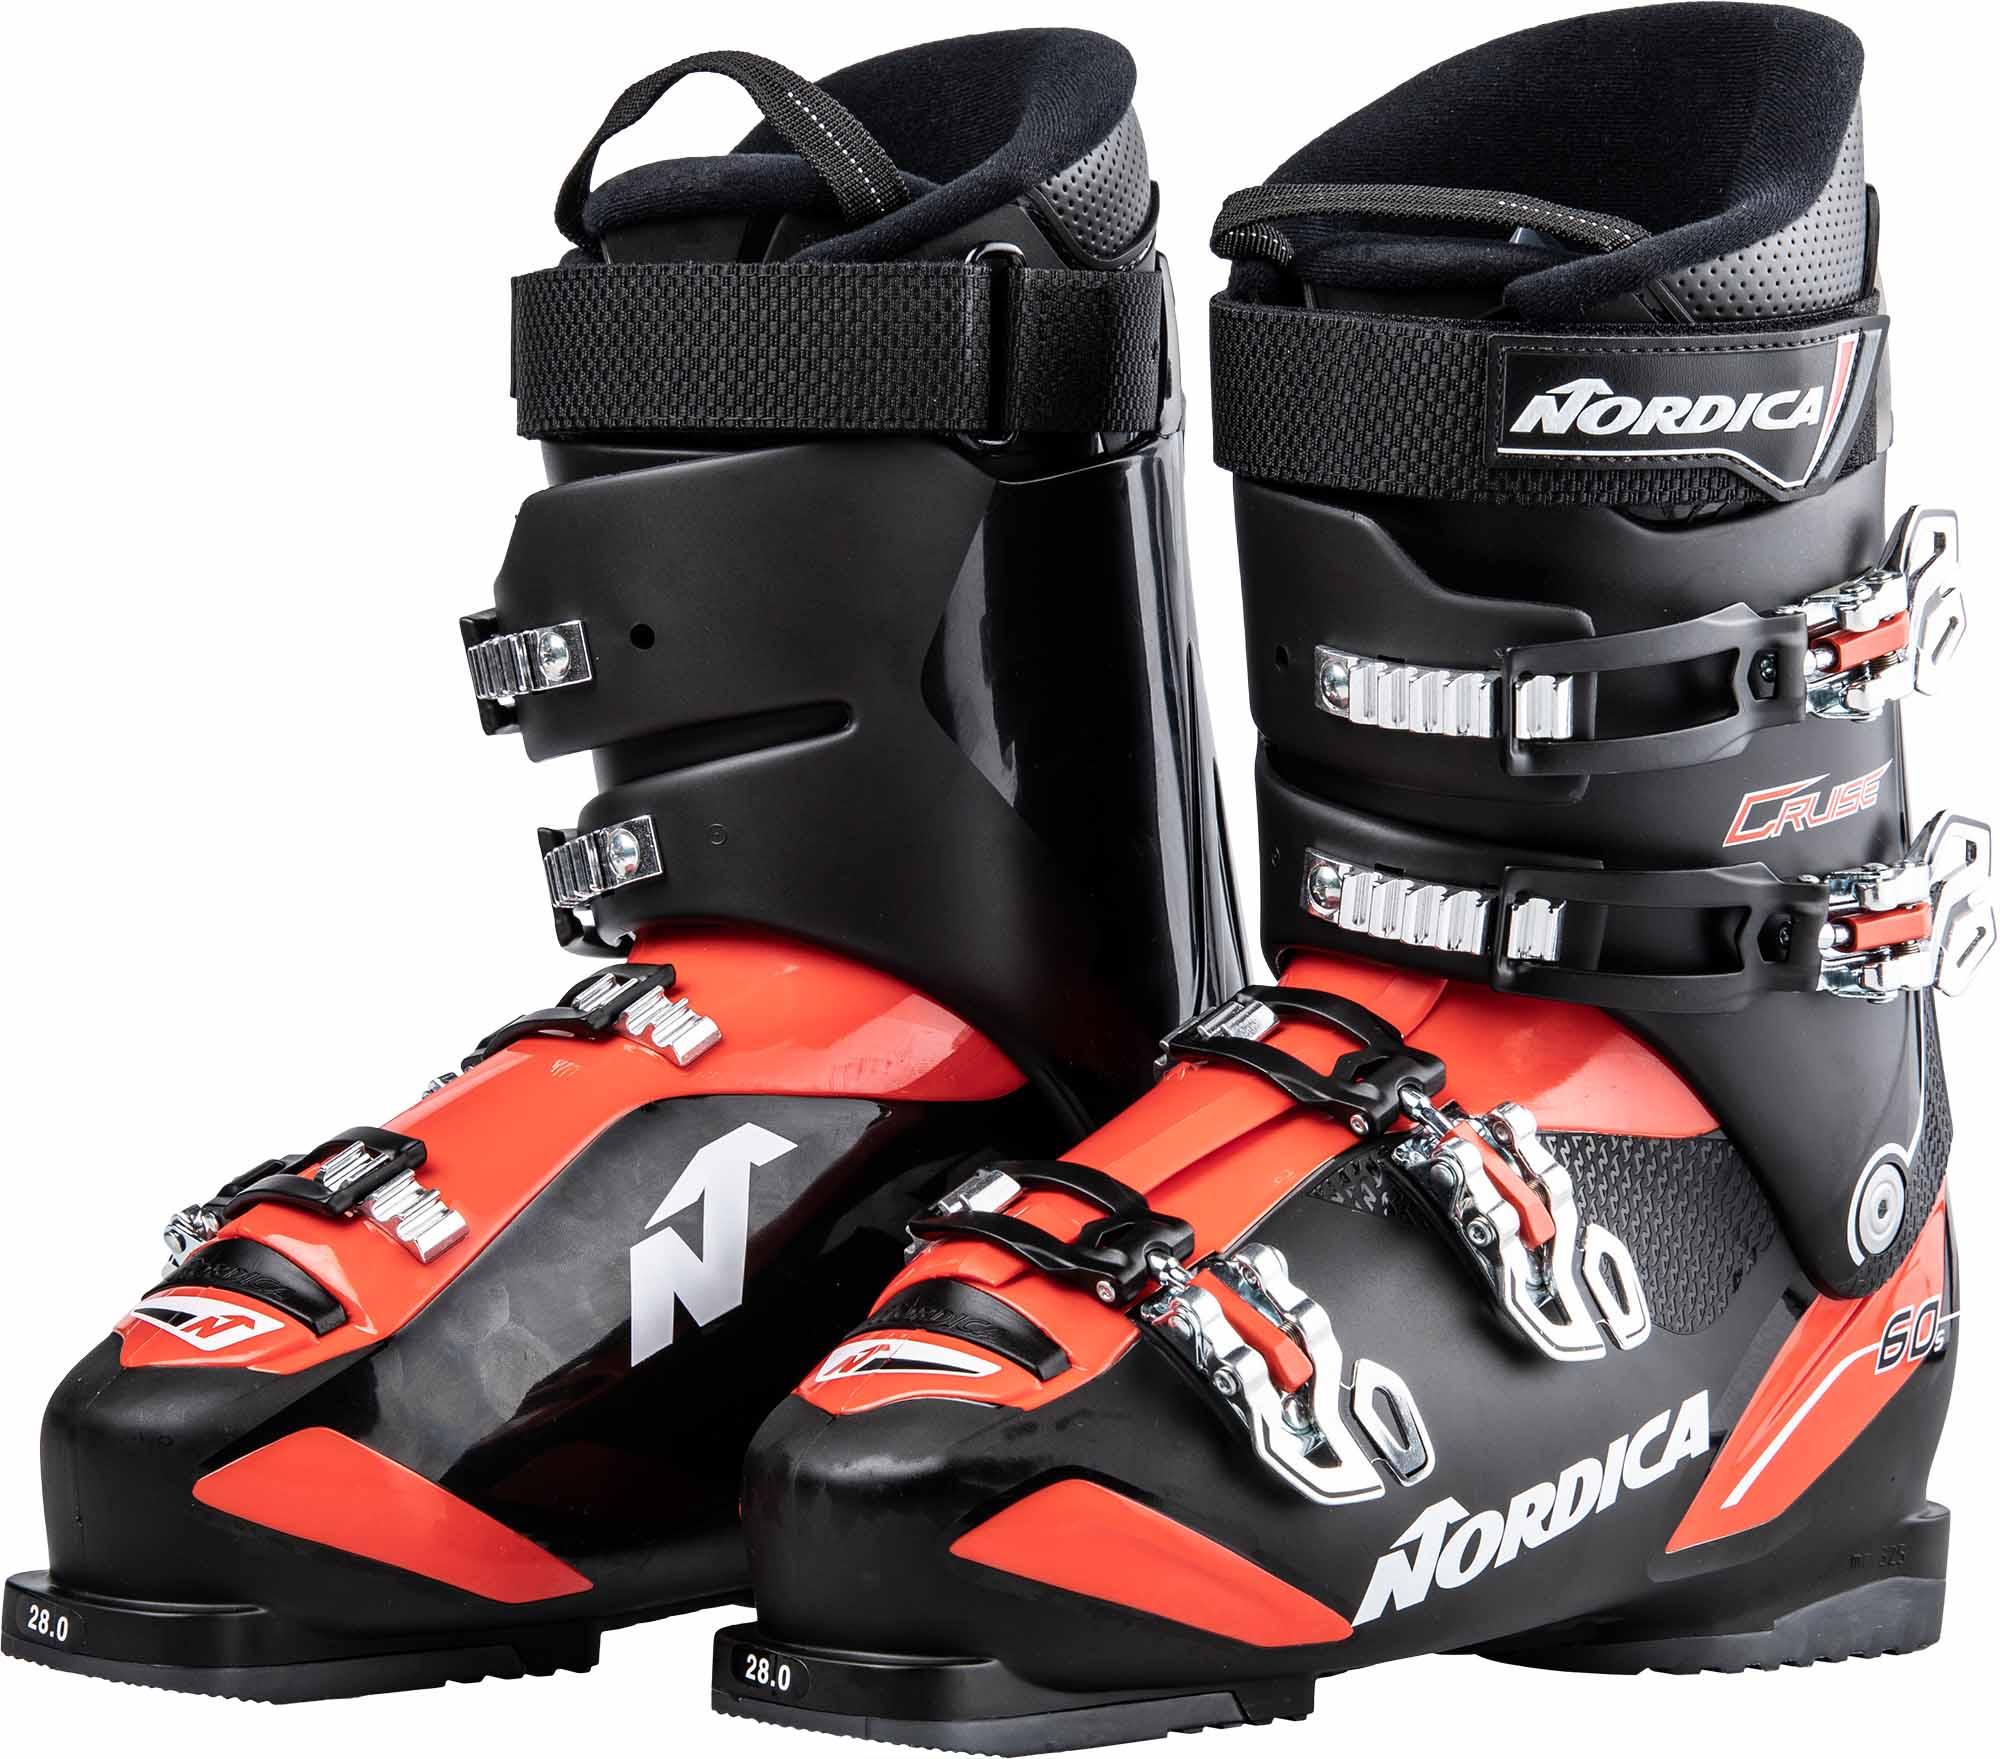 a580ec6a800 Nordica CRUISE 60 S. Sjezdové boty. Sjezdové boty